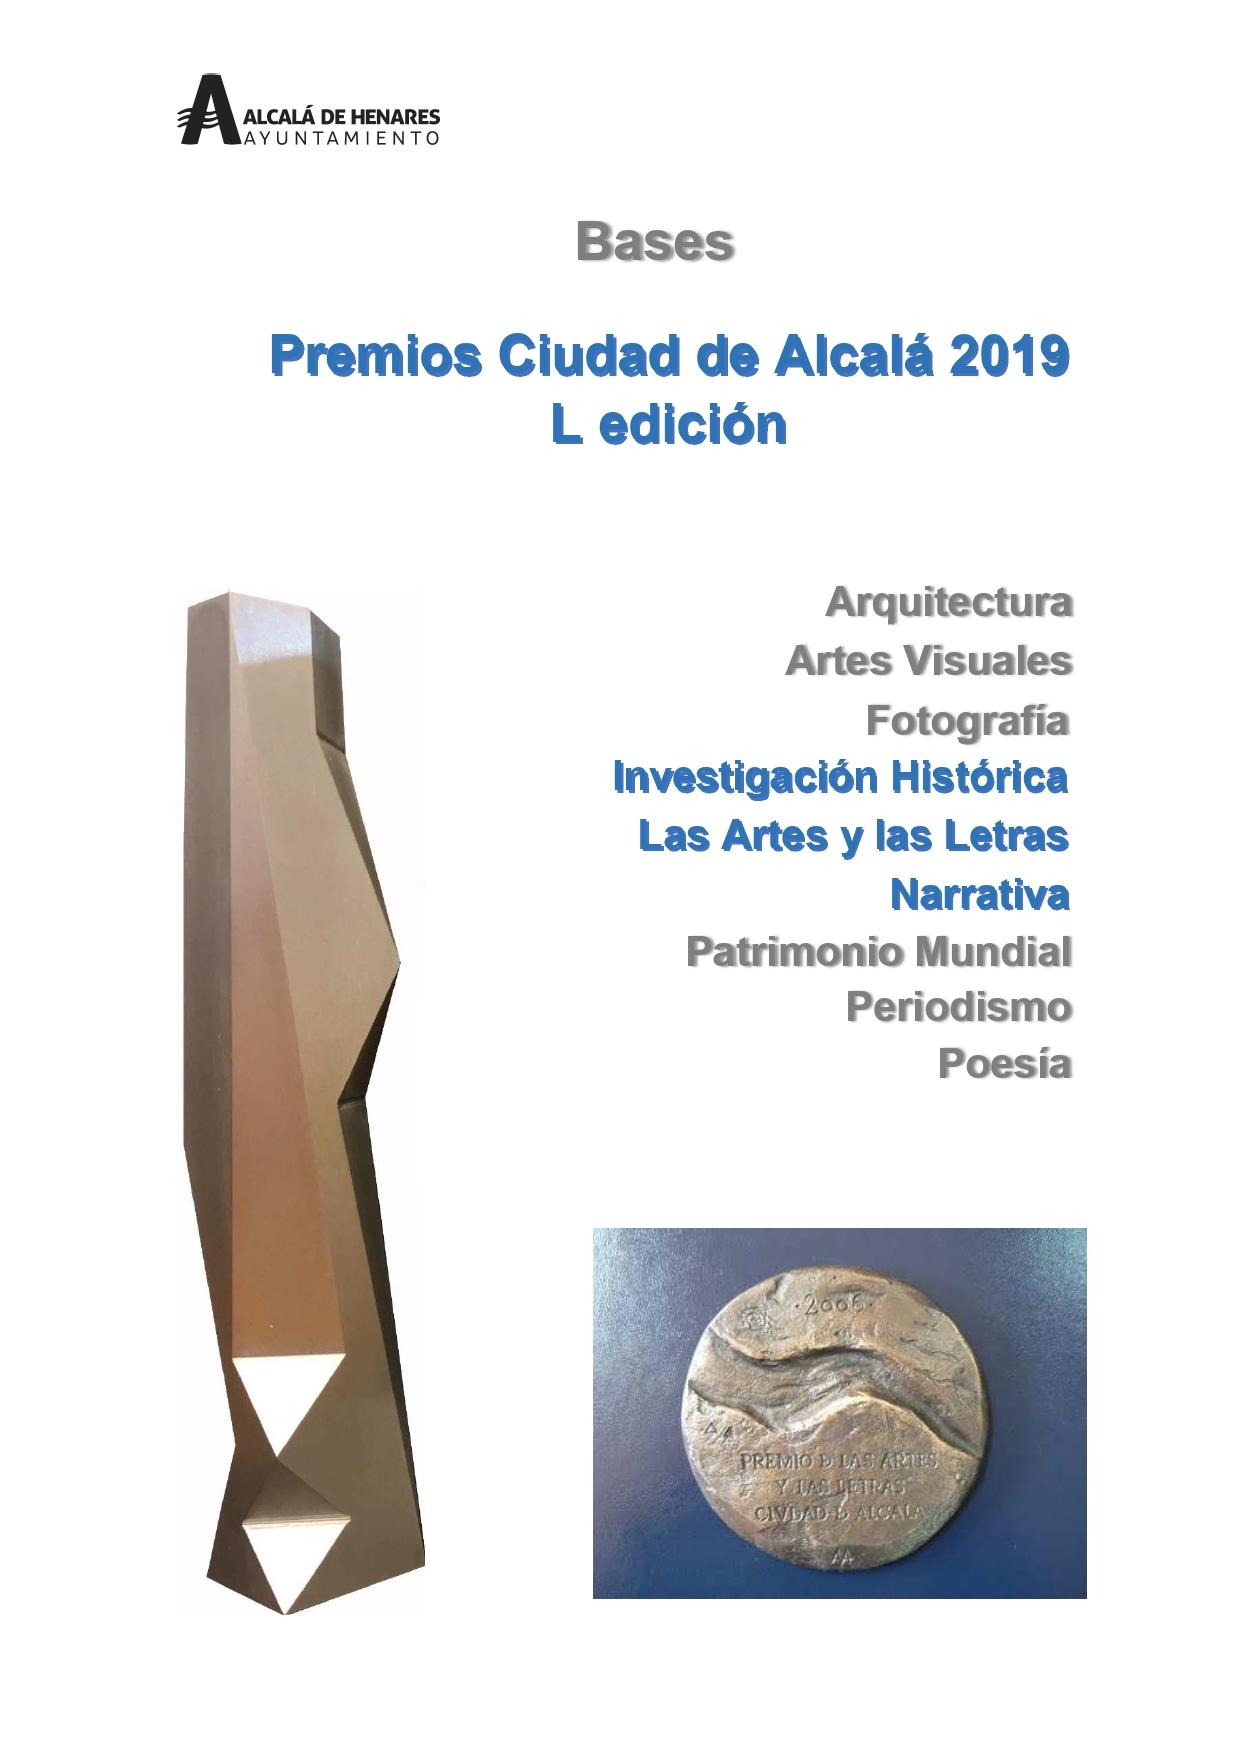 Premios Ciudad de Alcalá 2019